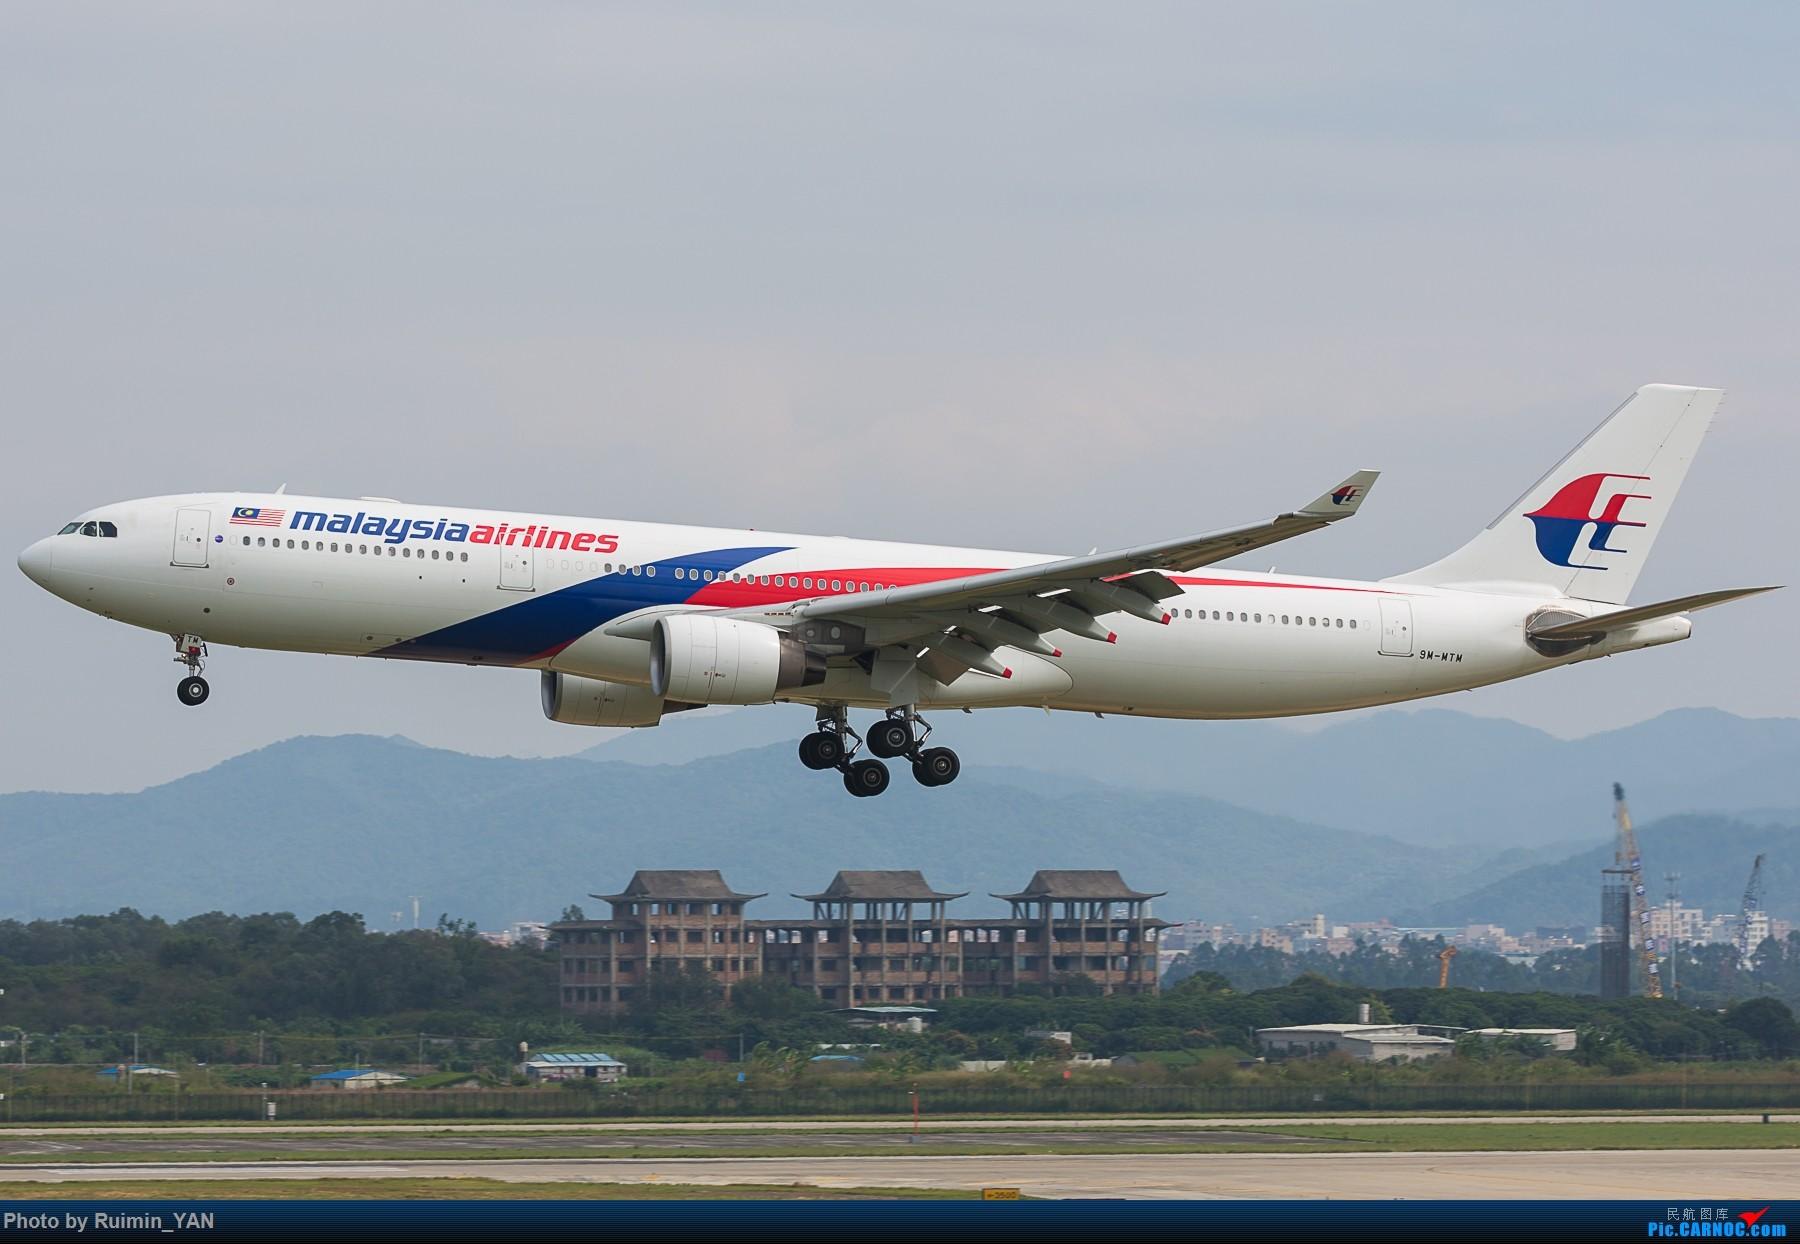 [原创]【CAN】马航(MH,Malaysia Airlines)A333/9M-MTM 一起一落 AIRBUS A330-300 9M-MTM 中国广州白云国际机场